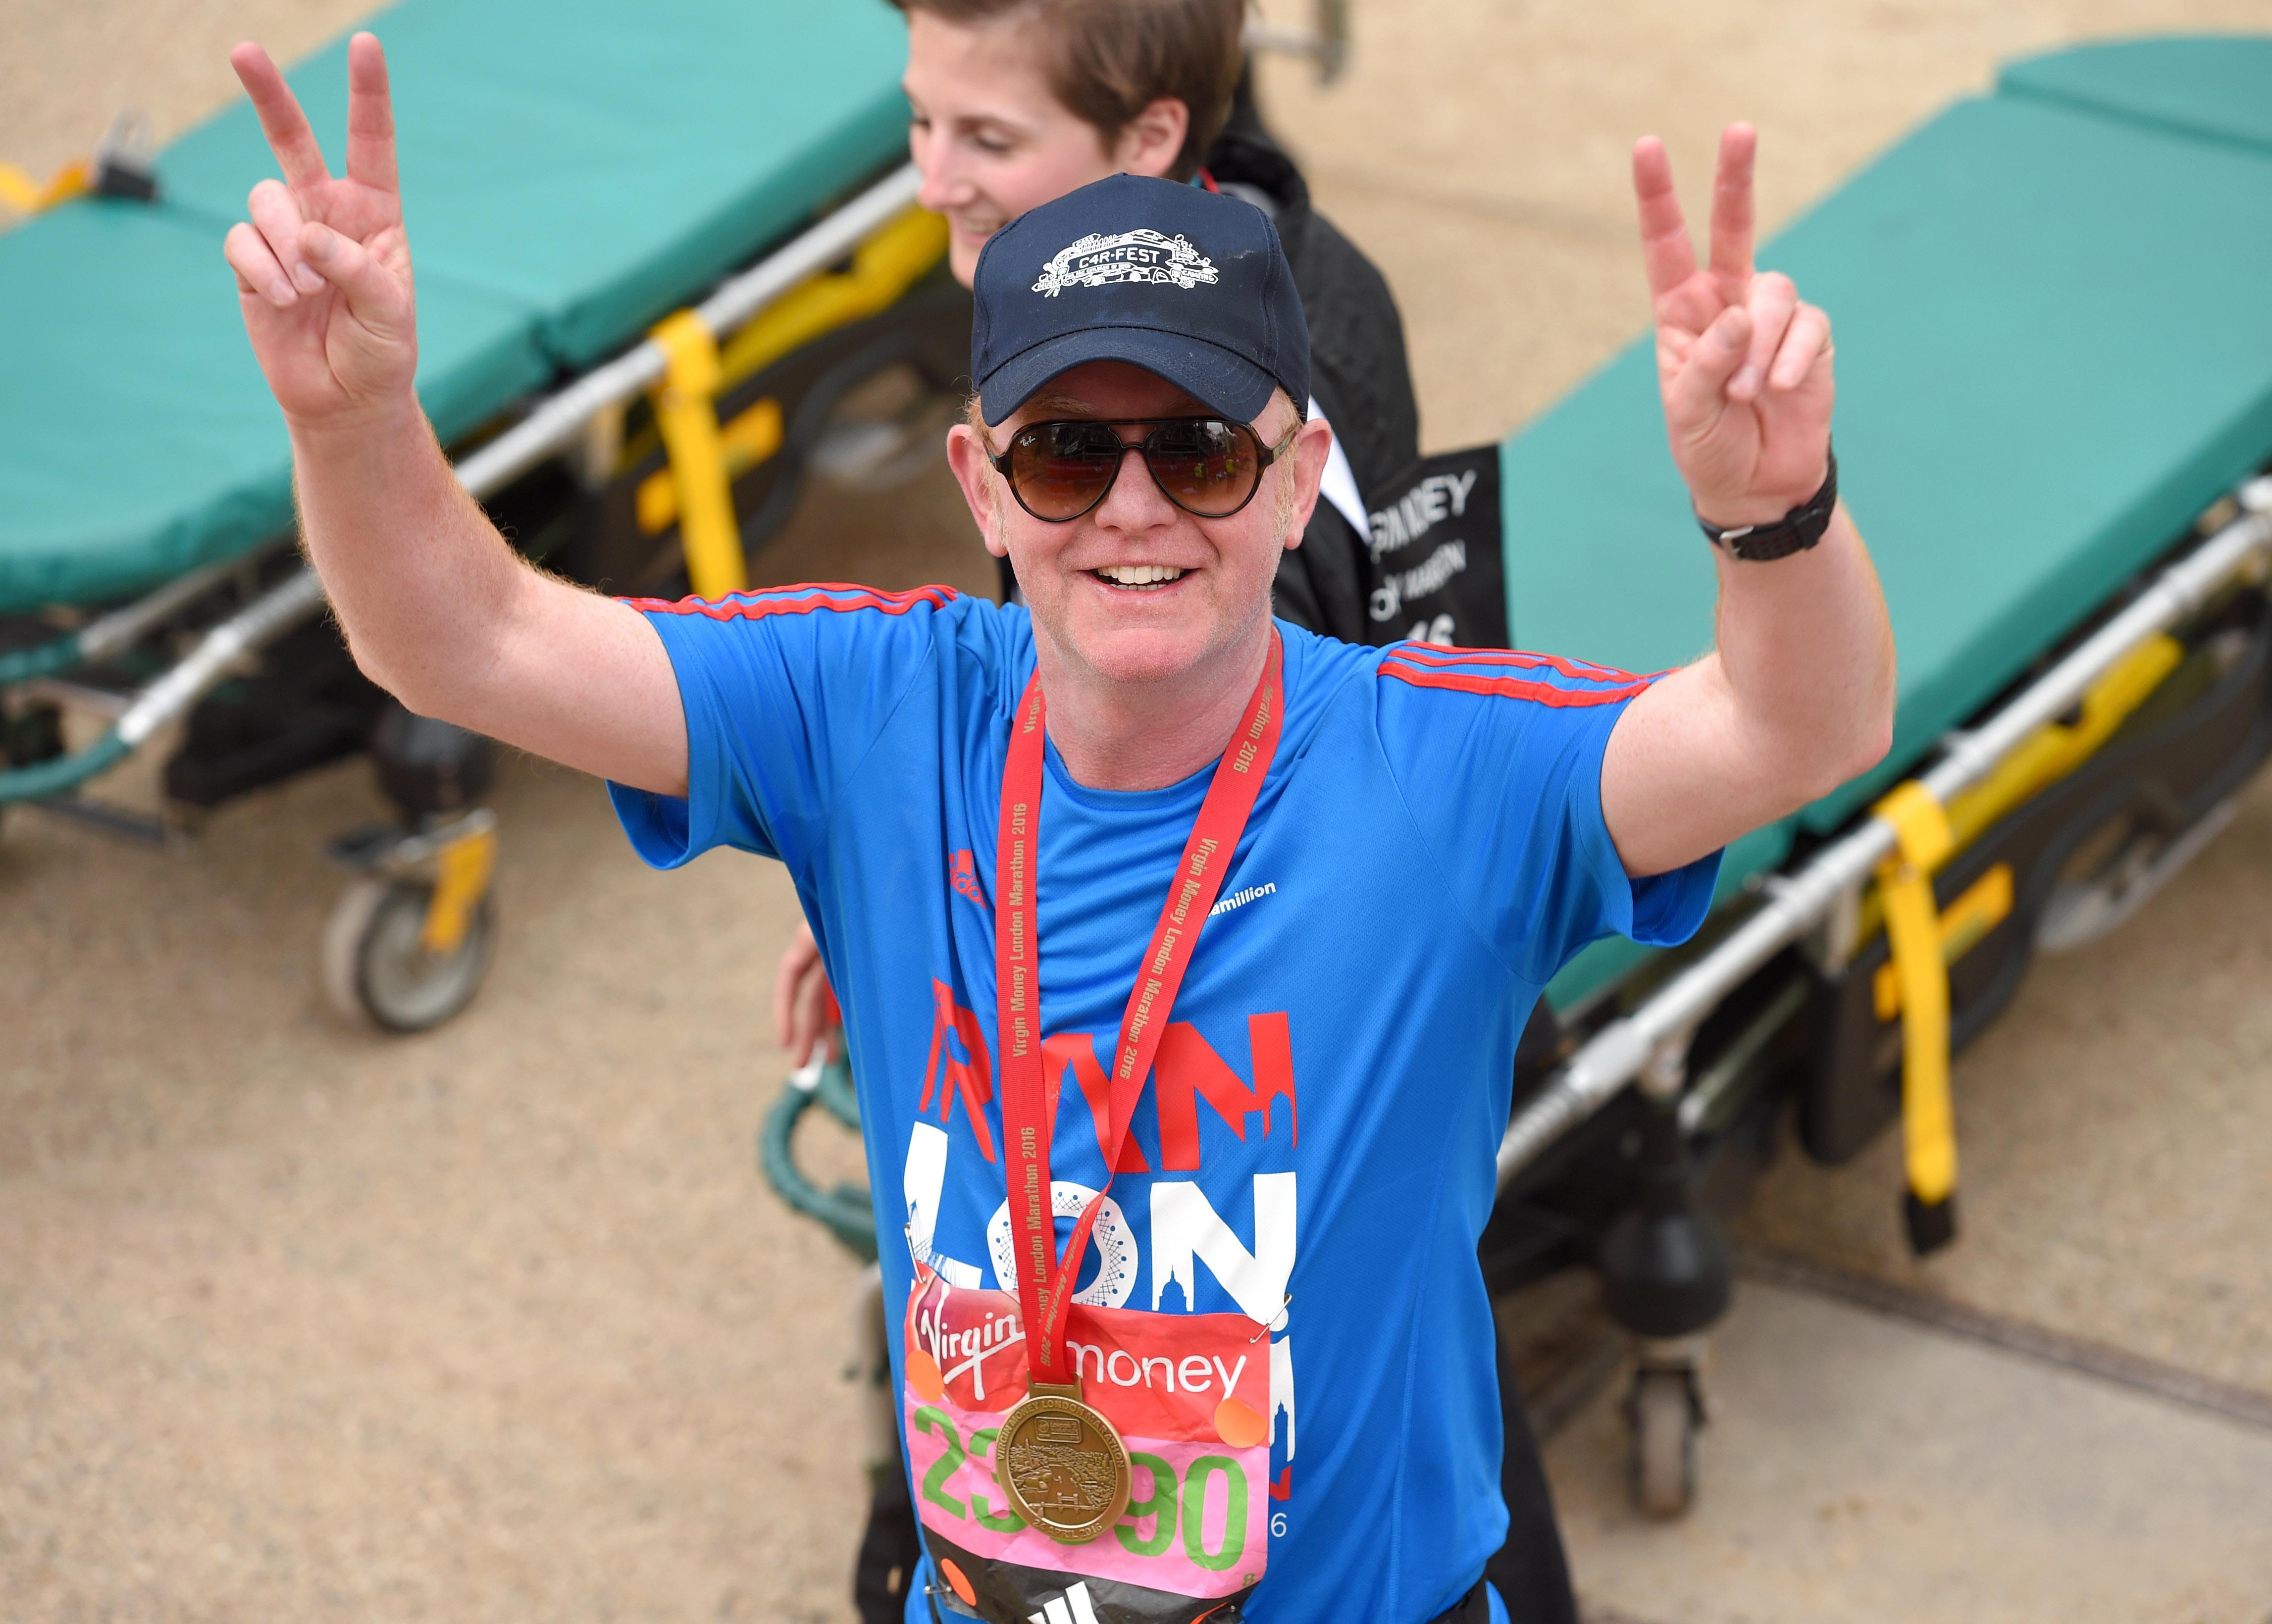 Radio 2 star Chris Evans is running his fourth London Marathon on behalf of Children in Need